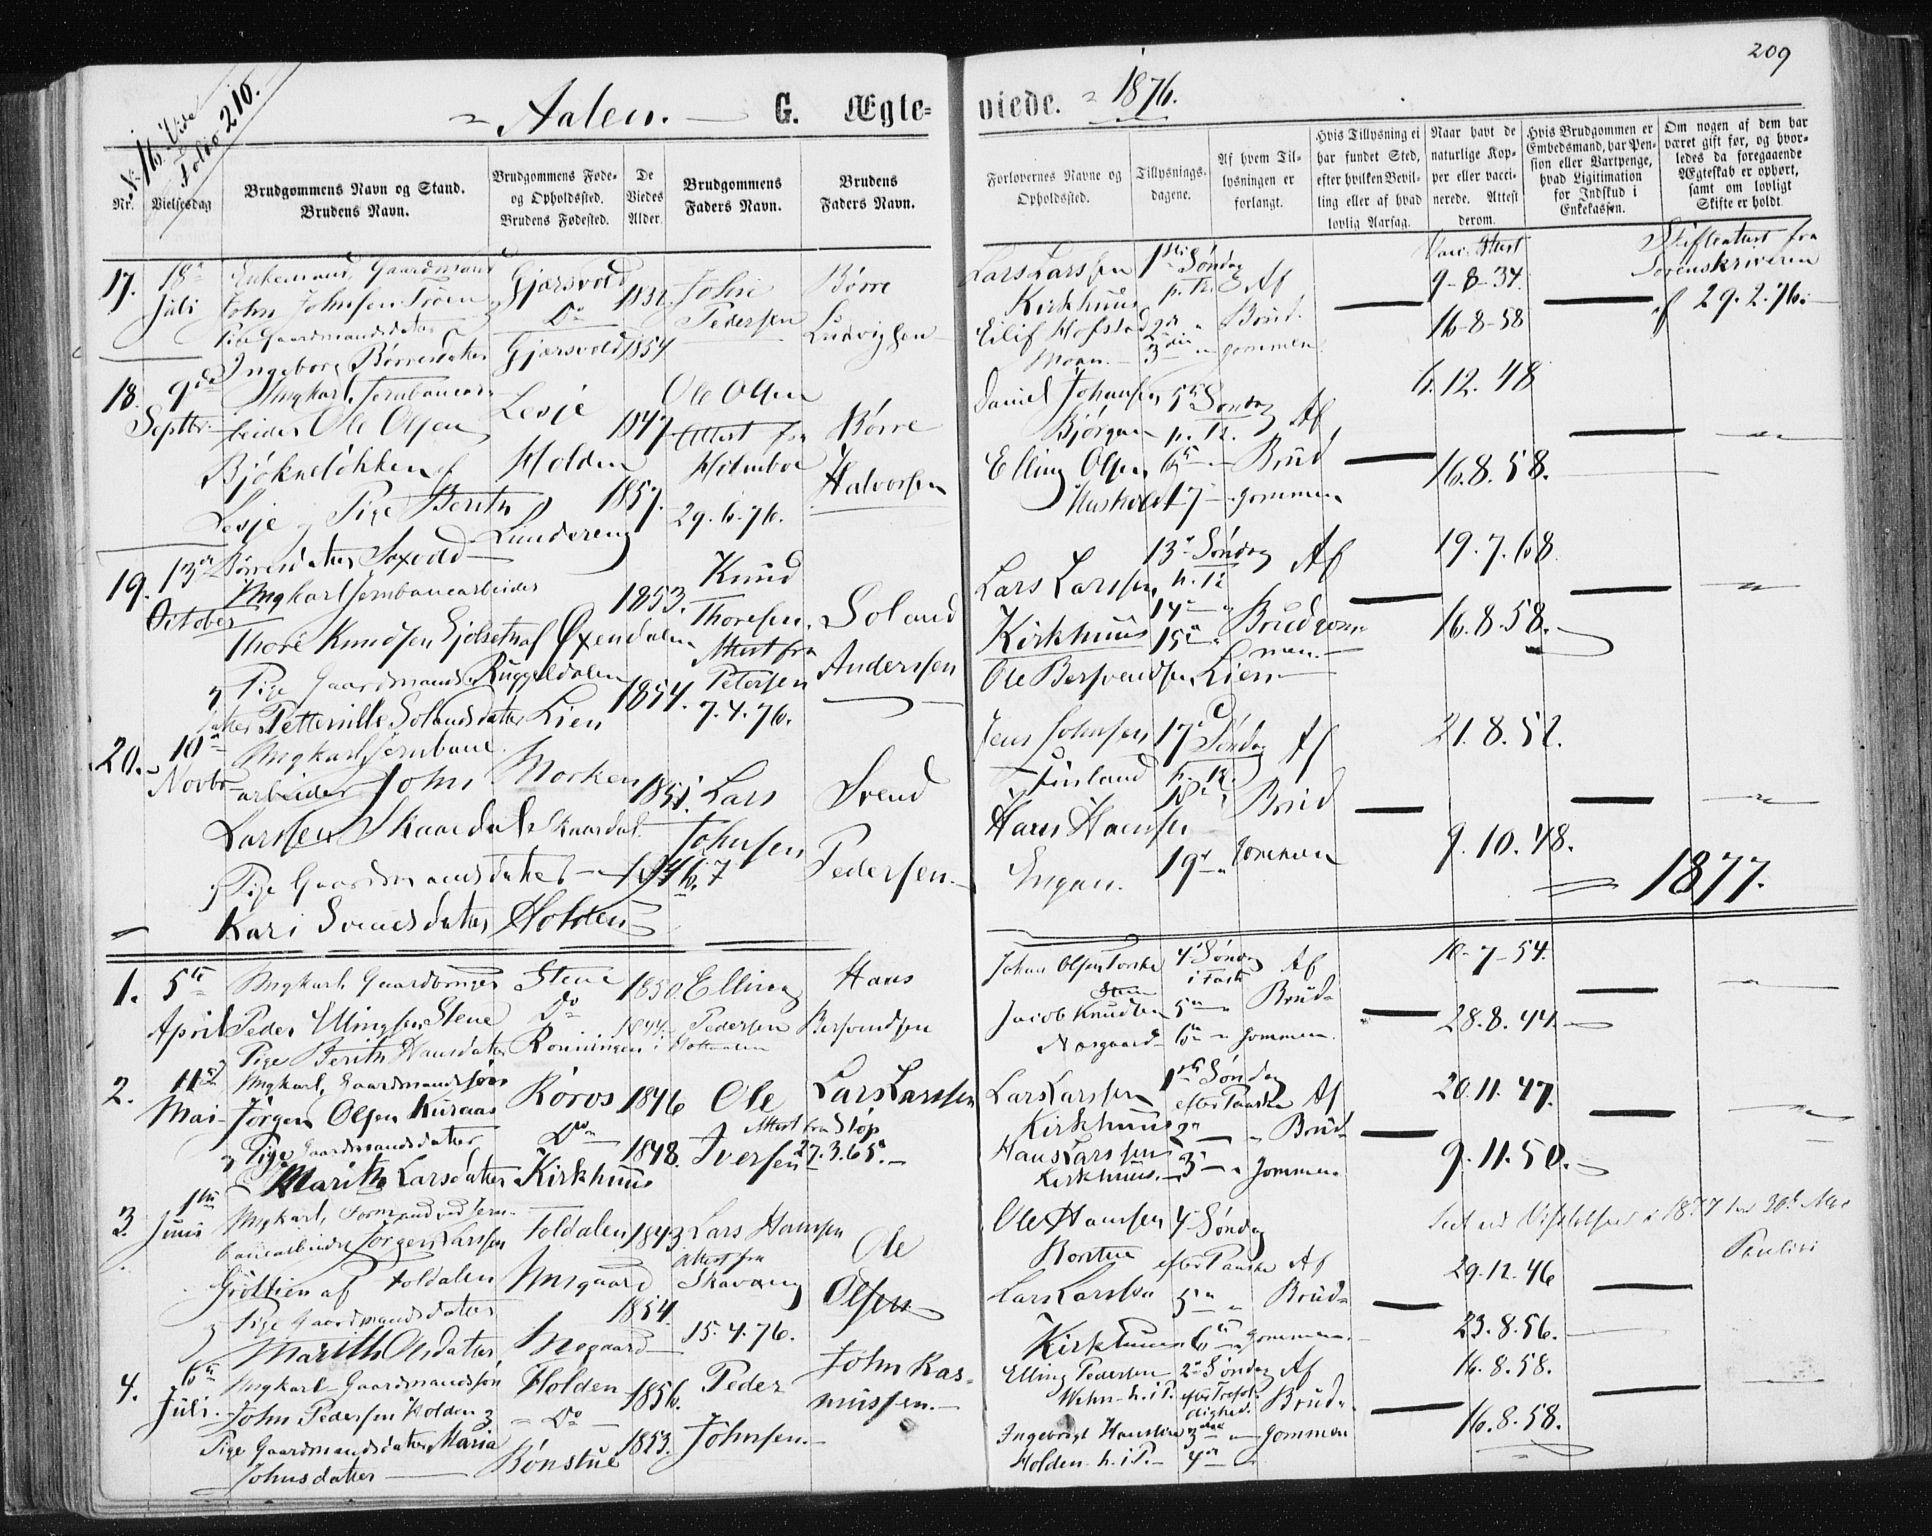 SAT, Ministerialprotokoller, klokkerbøker og fødselsregistre - Sør-Trøndelag, 685/L0971: Ministerialbok nr. 685A08 /3, 1870-1879, s. 209